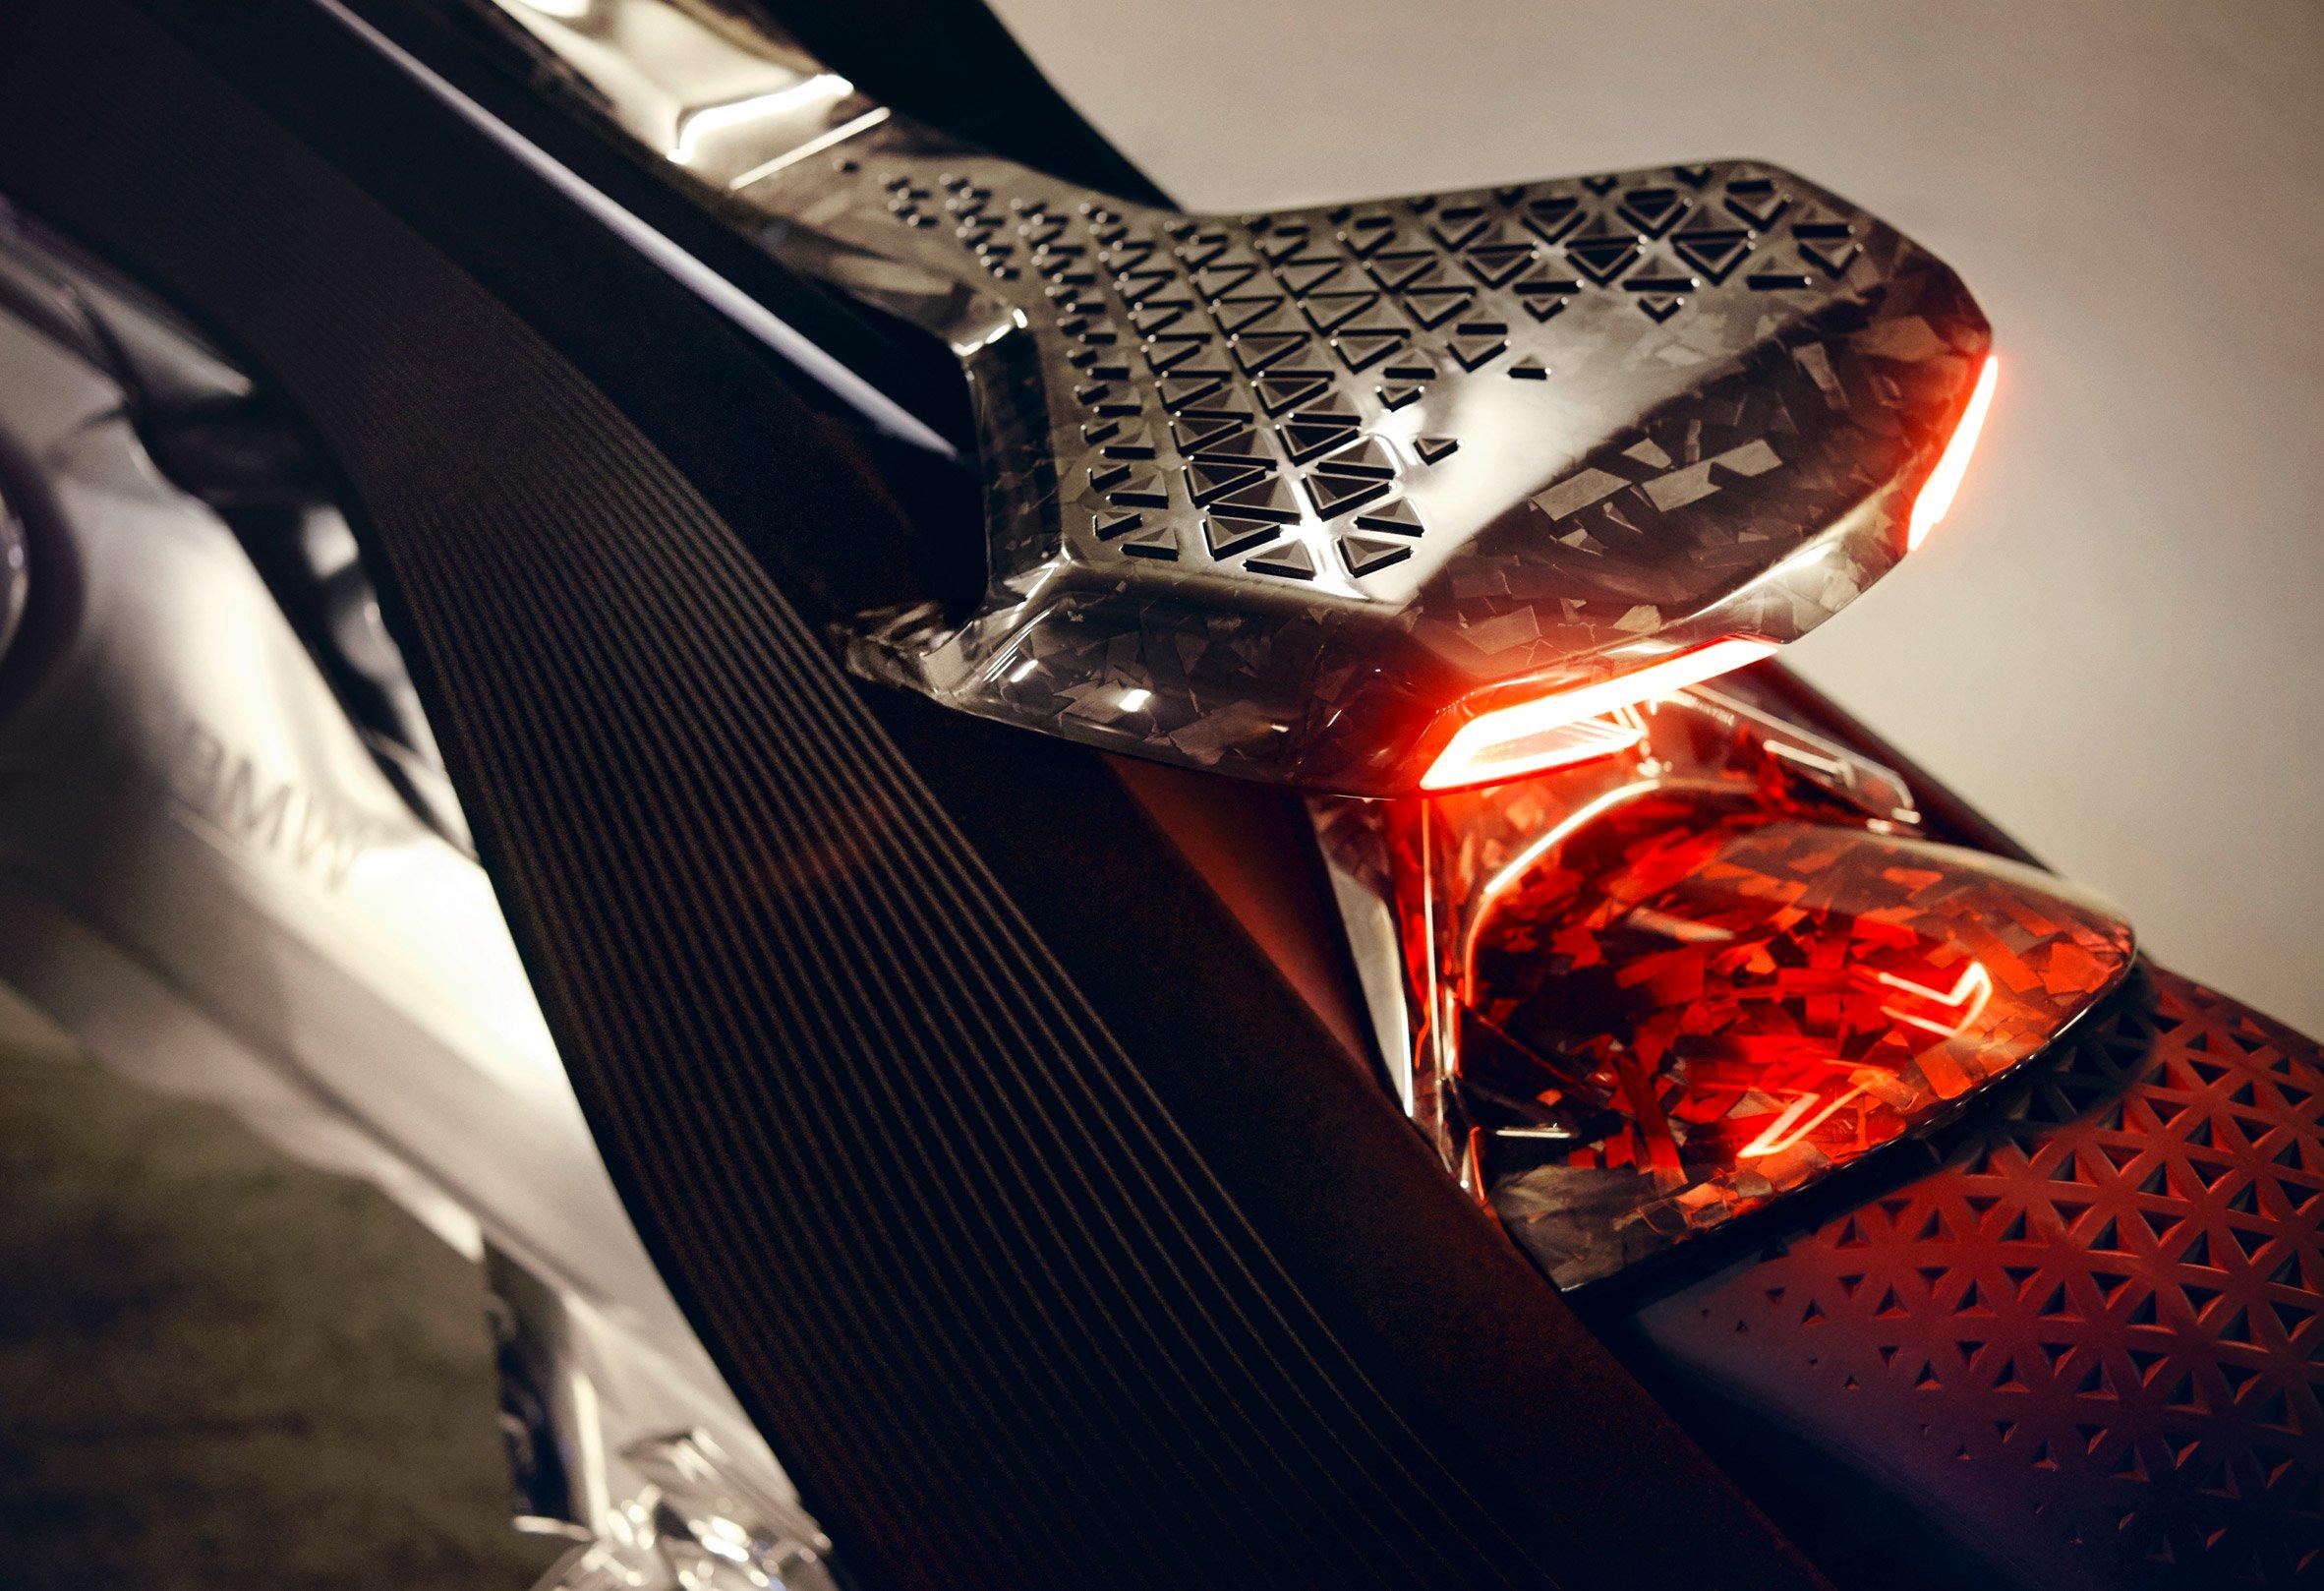 bmw-motorbike-vision-next-100-transport-vehicle-design_dezeen_2364_col_7